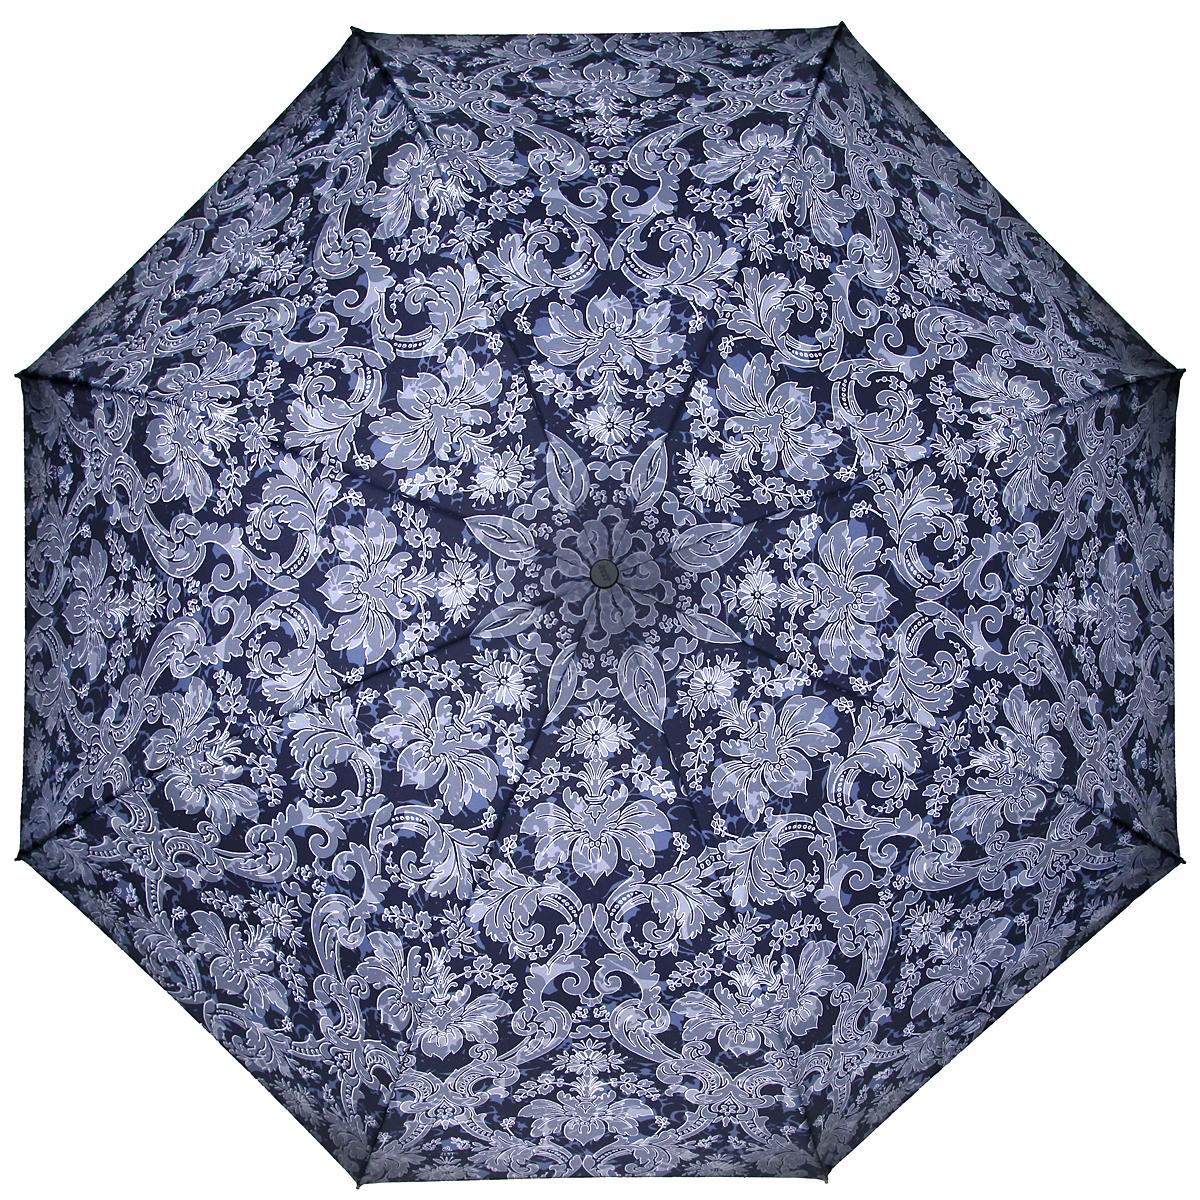 Зонт женский Zest, автомат, 3 сложения, цвет: темно-синий, светло-серый. 23846-128023846-1280Элегантный автоматический зонт Zest в 3 сложения изготовлен из высокопрочных материалов. Каркас зонта состоит из 8 спиц и прочного алюминиевого стержня. Специальная система Windproof защищает его от поломок во время сильных порывов ветра. Купол зонта выполнен из прочного полиэстера с водоотталкивающей пропиткой и оформлен орнаментом. Используемые высококачественные красители обеспечивают длительное сохранение свойств ткани купола. Рукоятка, разработанная с учетом требований эргономики, выполнена из пластика. Зонт имеет полный автоматический механизм сложения: купол открывается и закрывается нажатием кнопки на рукоятке, стержень складывается вручную до характерного щелчка. Благодаря этому открыть и закрыть зонт можно одной рукой, что чрезвычайно удобно при входе в транспорт или помещение. Небольшой шнурок, расположенный на рукоятке, позволяет надеть изделие на руку при необходимости. Модель закрывается при помощи хлястика на застежку-липучку. К зонту прилагается чехол. ...